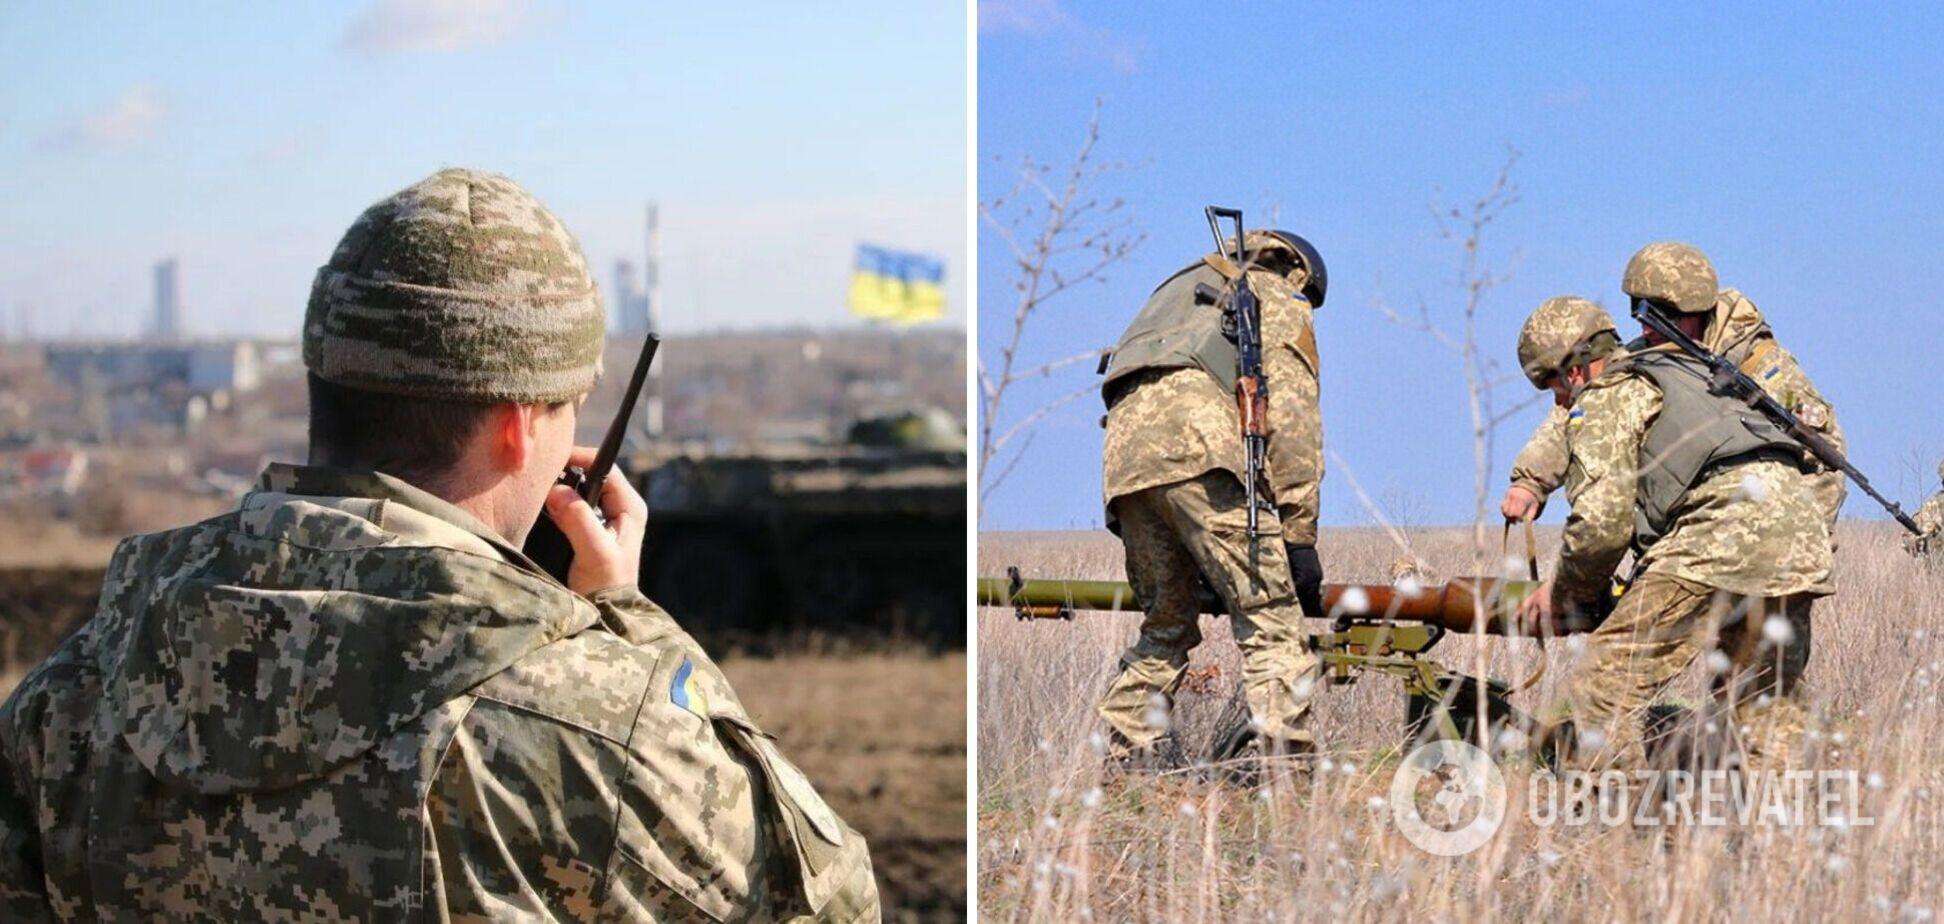 Оккупанты обстреляли позиции ВСУ на Донбассе, украинские военные открыли огонь в ответ – штаб ООС